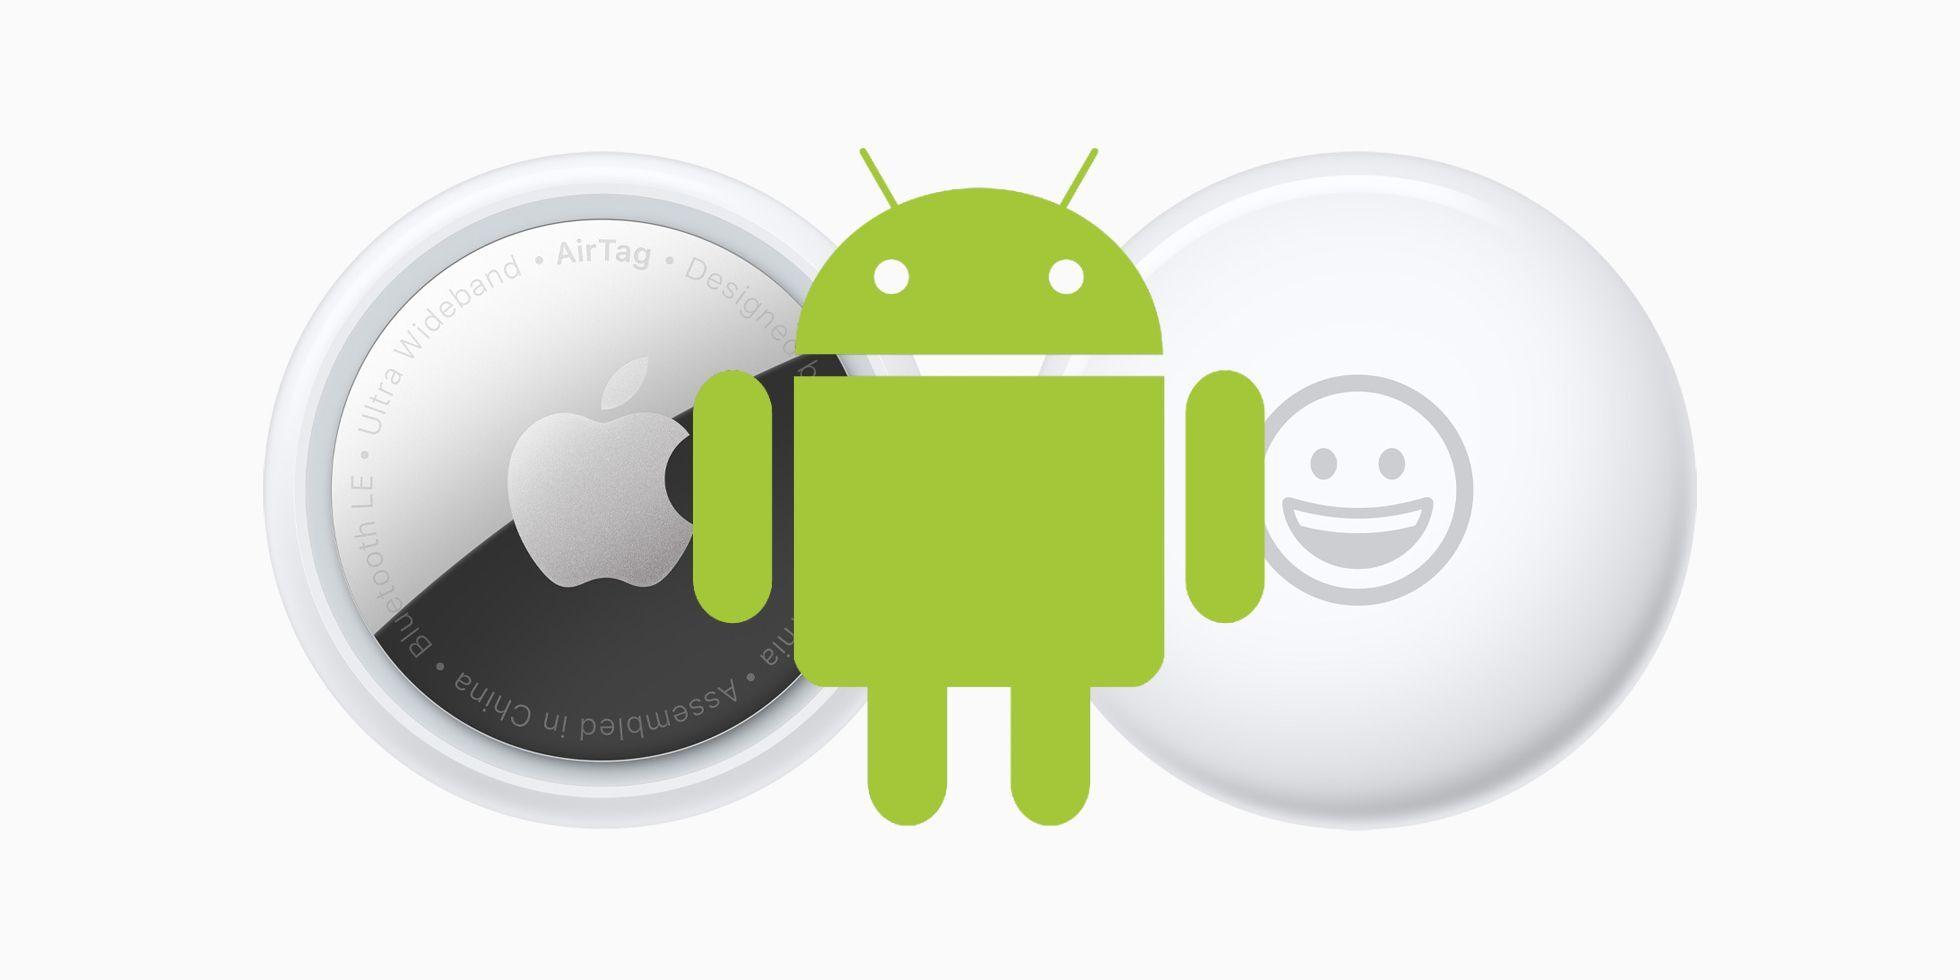 Apple подтвердила разработку Android-приложения для своих меток AirTag